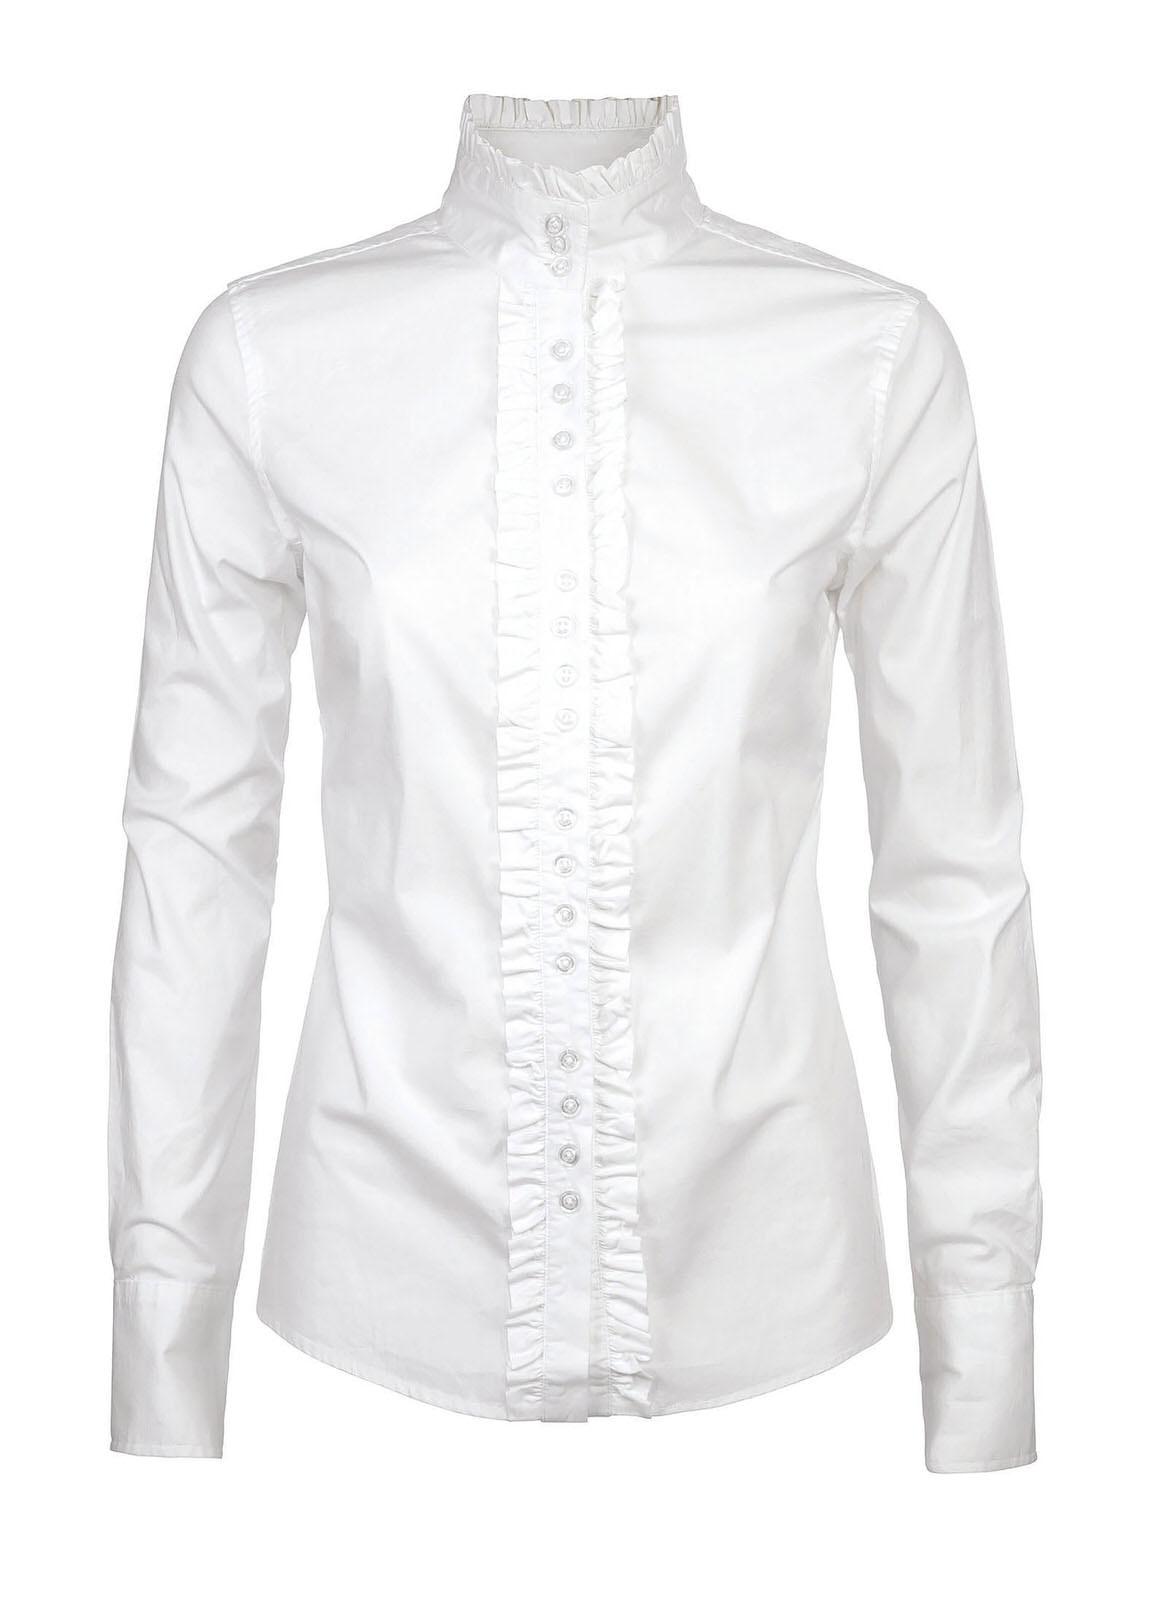 Chamomile_Shirt_White_Image_1